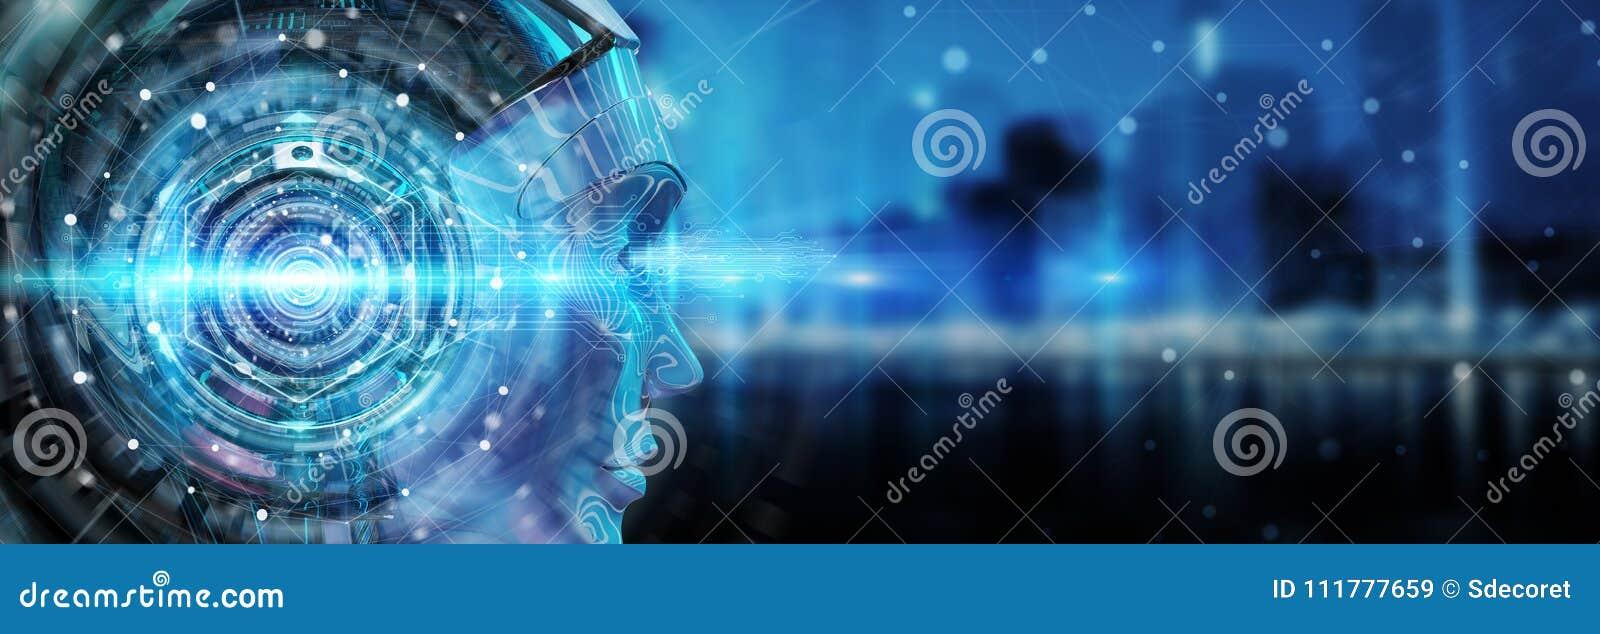 Cyborghuvud som använder konstgjord intelligens att skapa digital inte